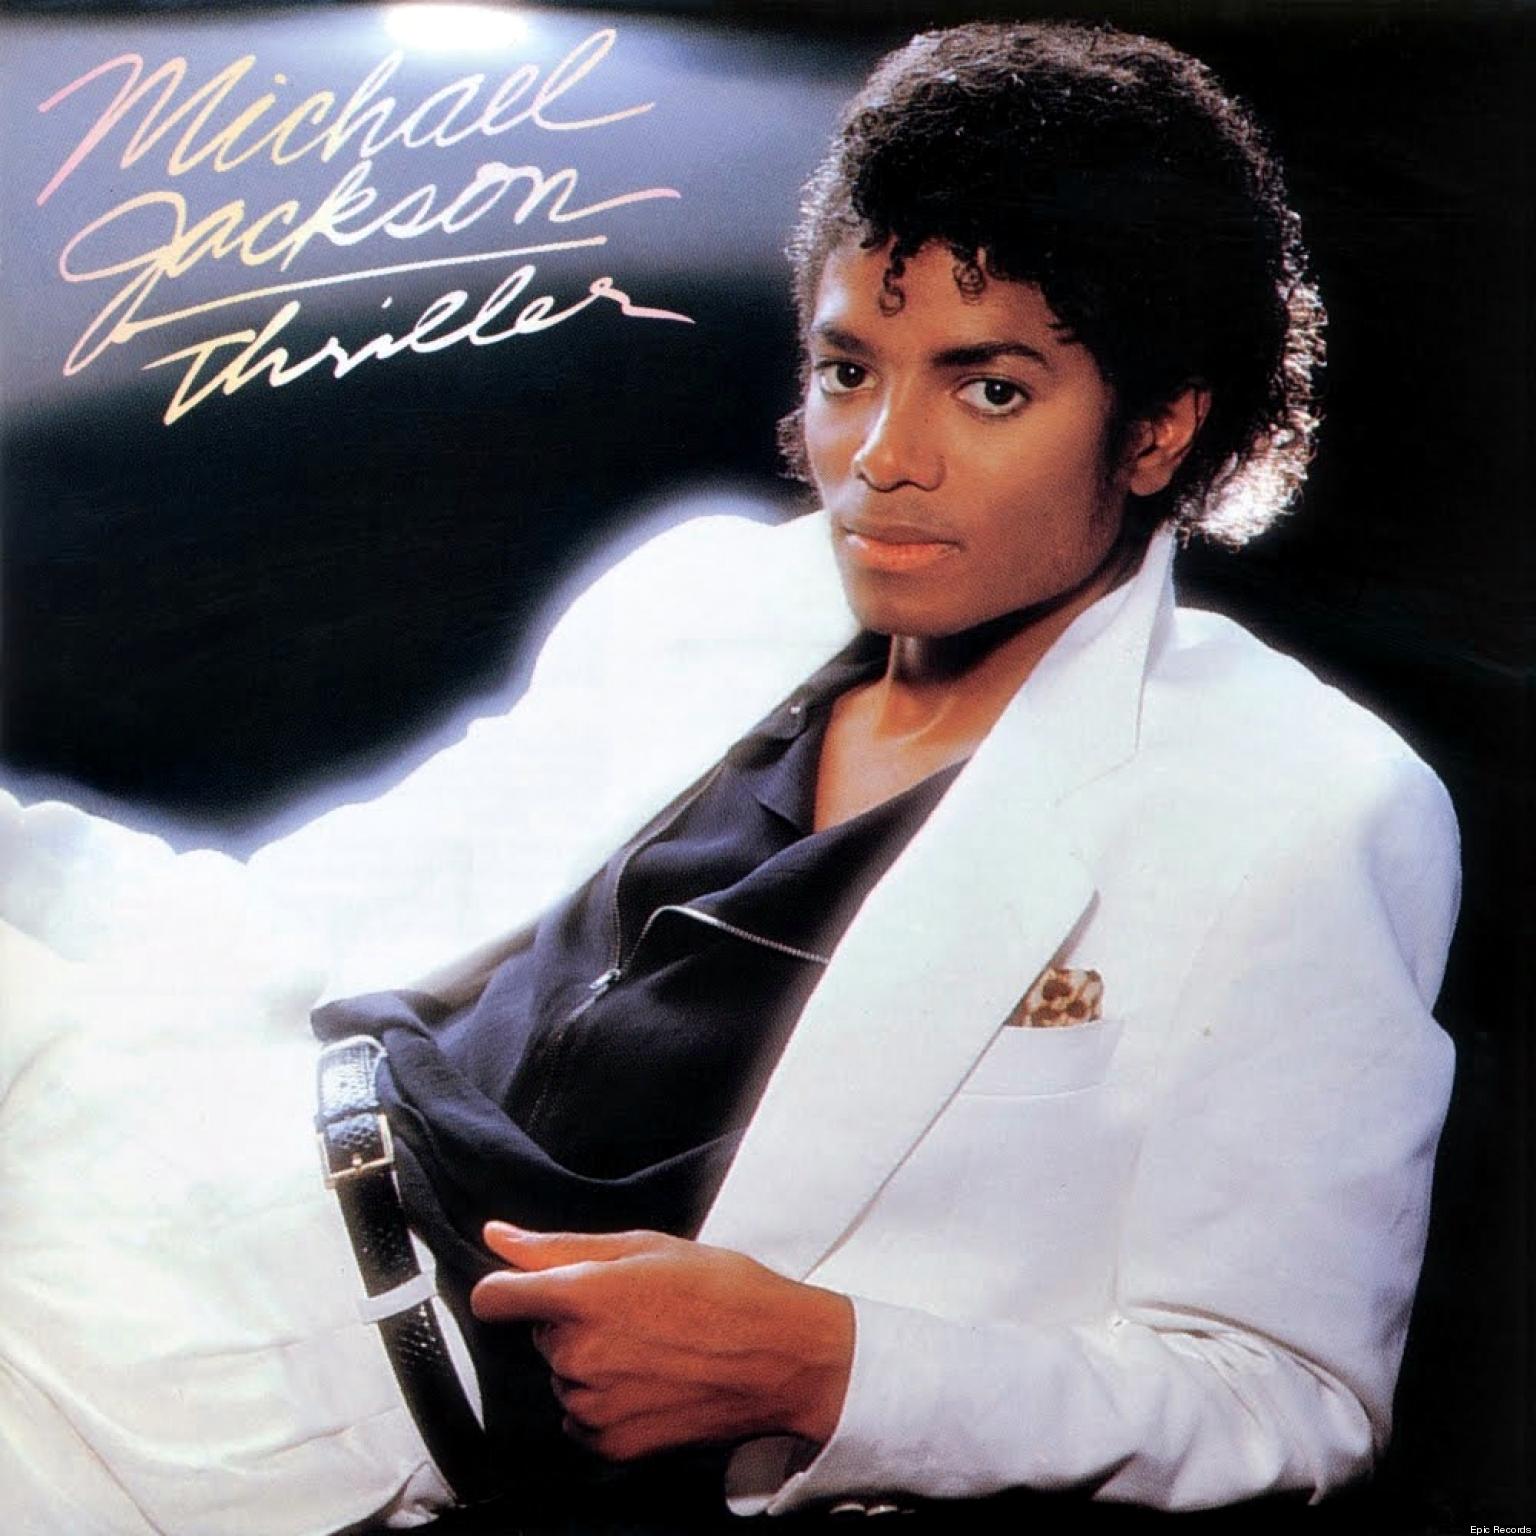 Platz 1: Michael Jacksons THRILLER ist von 1982 und wurde 30 Millionen mal in den Vereinigten Staaten verkauft.